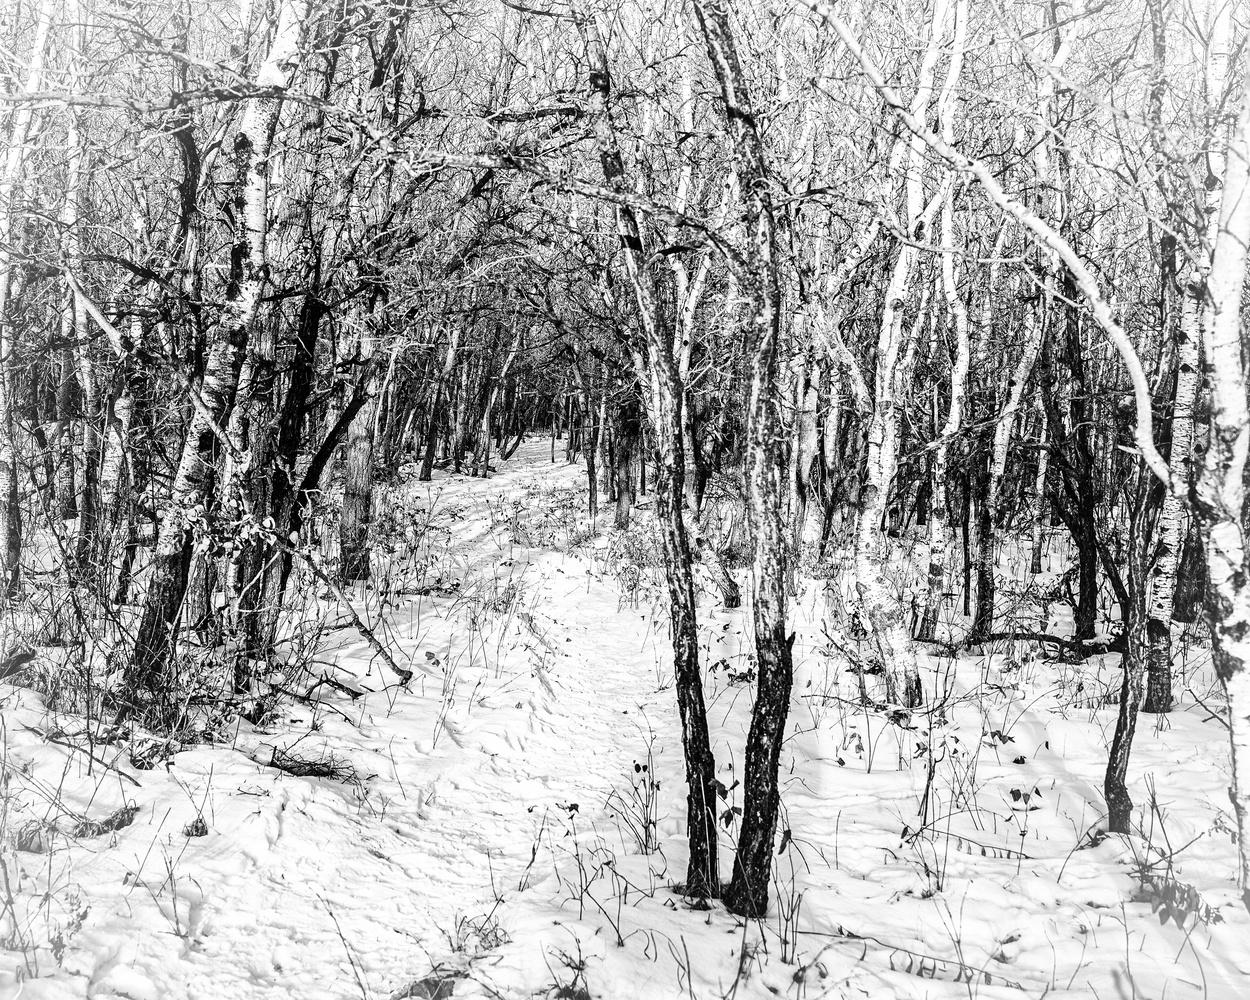 Birchwood by David Pavlich